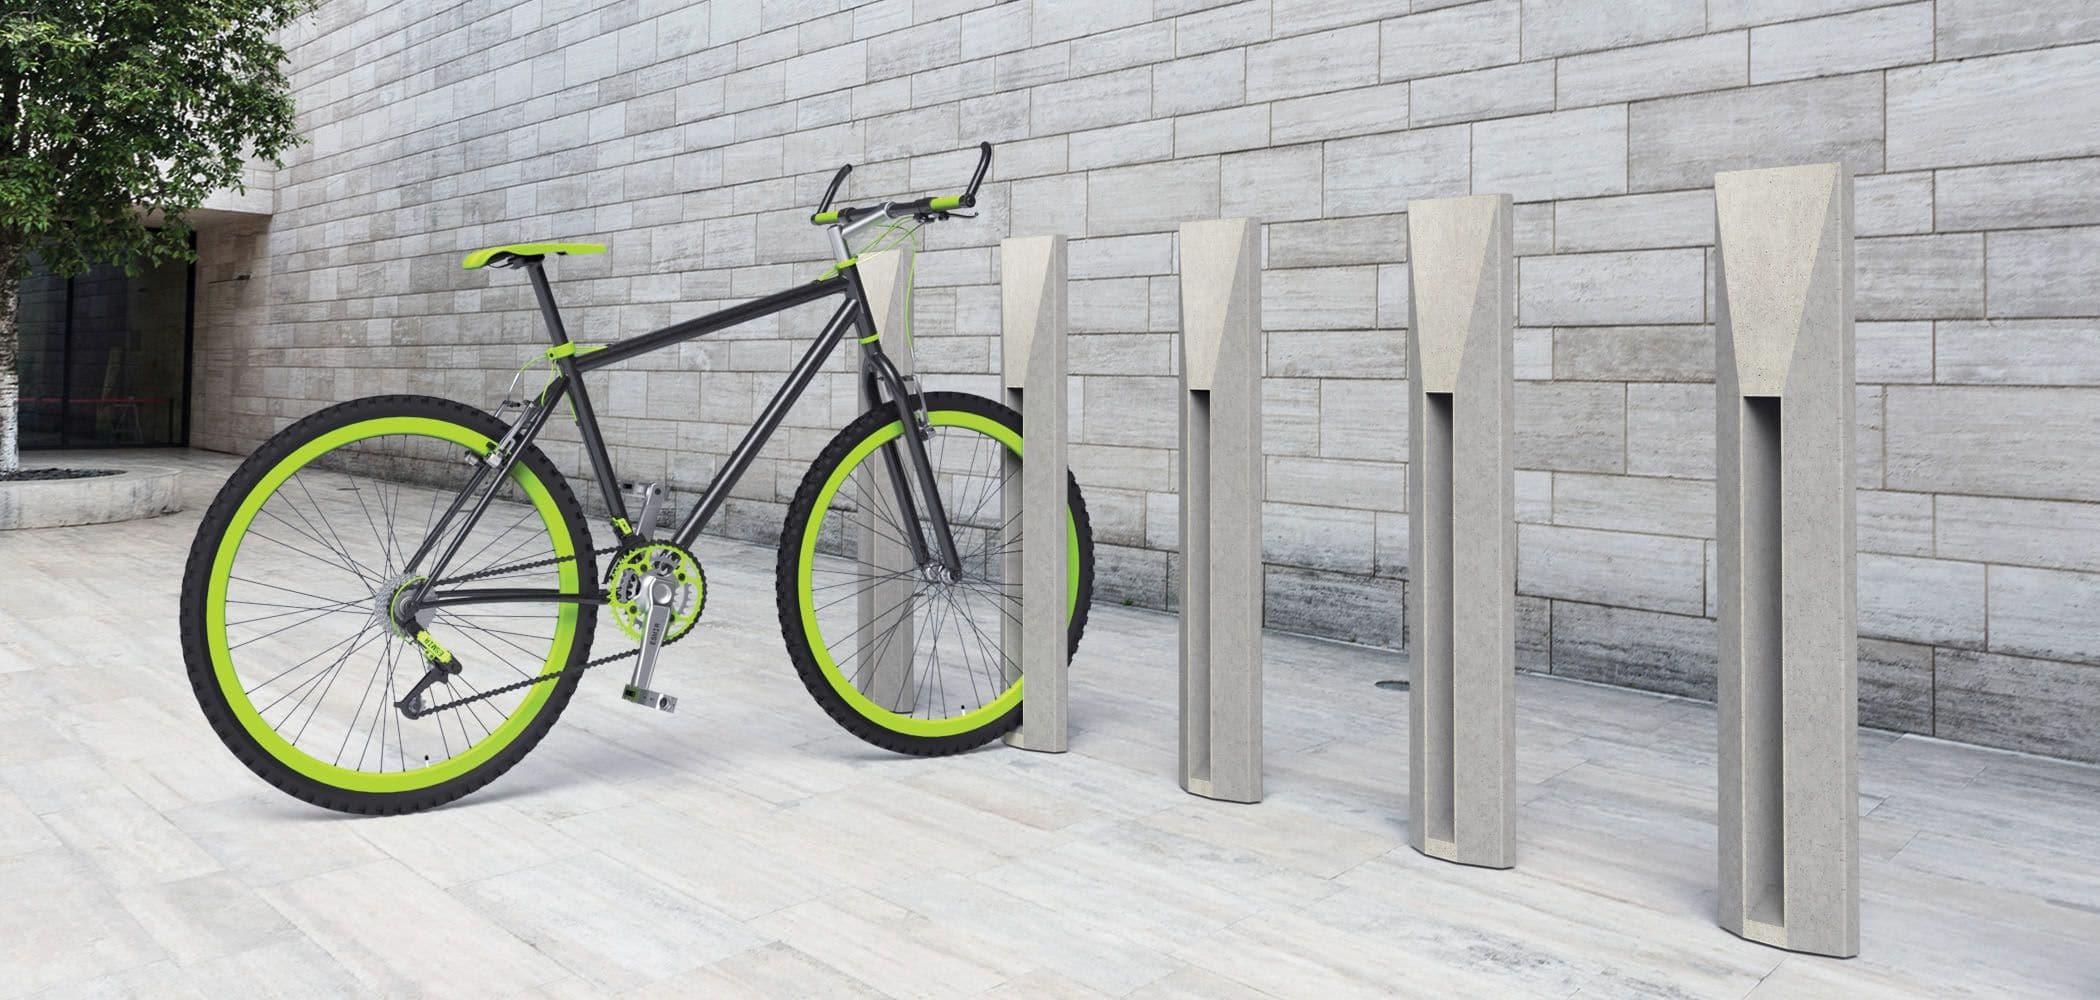 Copacabana-2 - Bicicletários